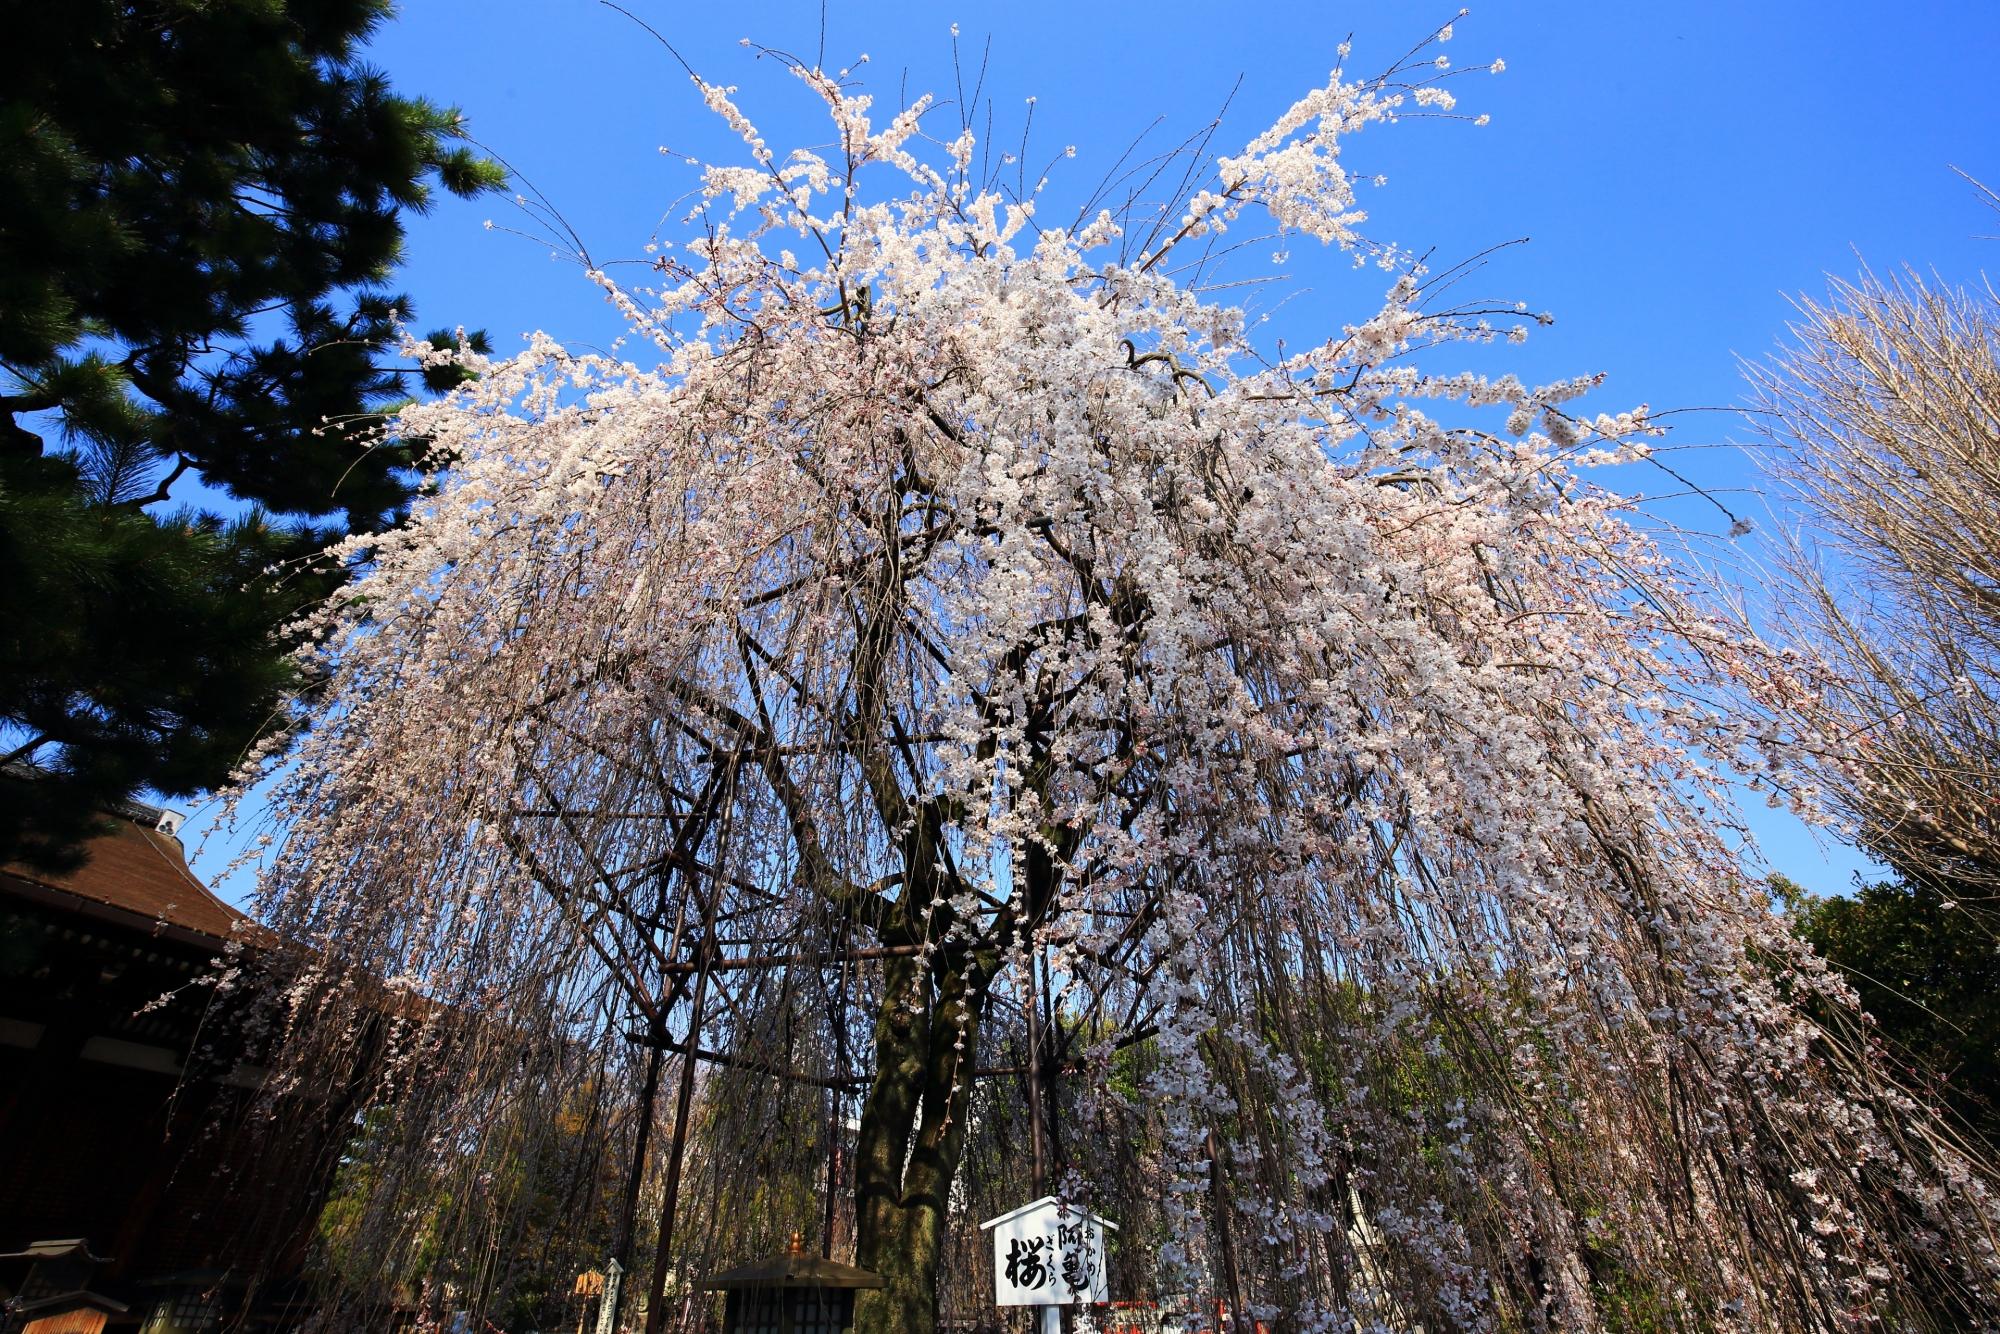 千本釈迦堂の青空から降り注ぐしなやかな桜